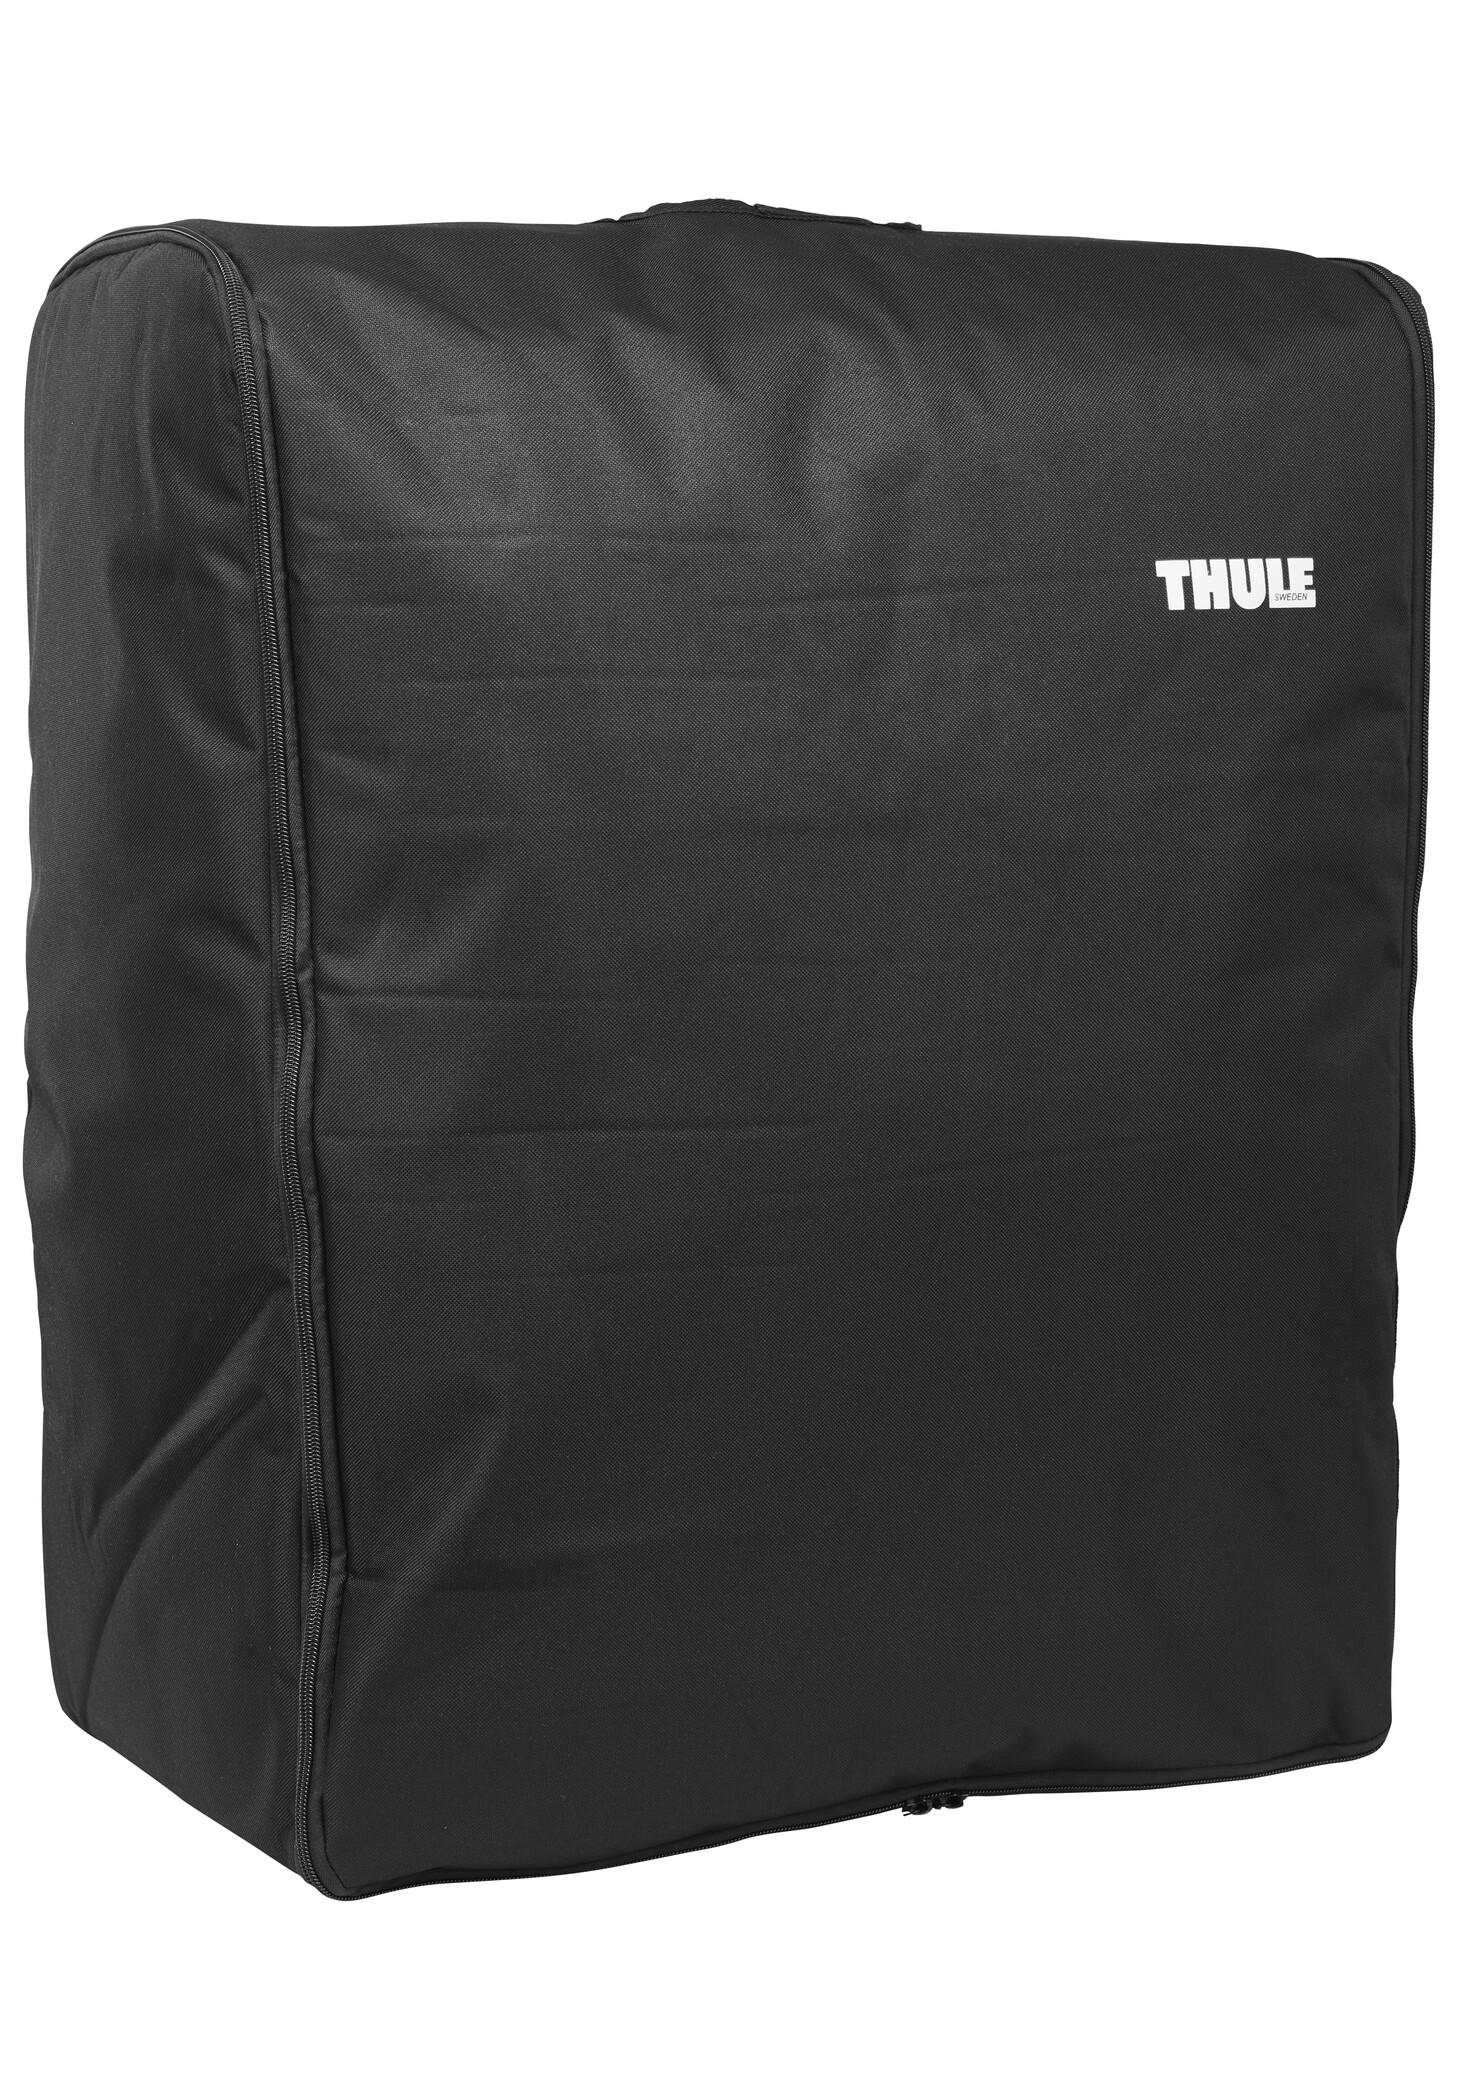 Thule Easy Fold Transporttaske | Bike bags